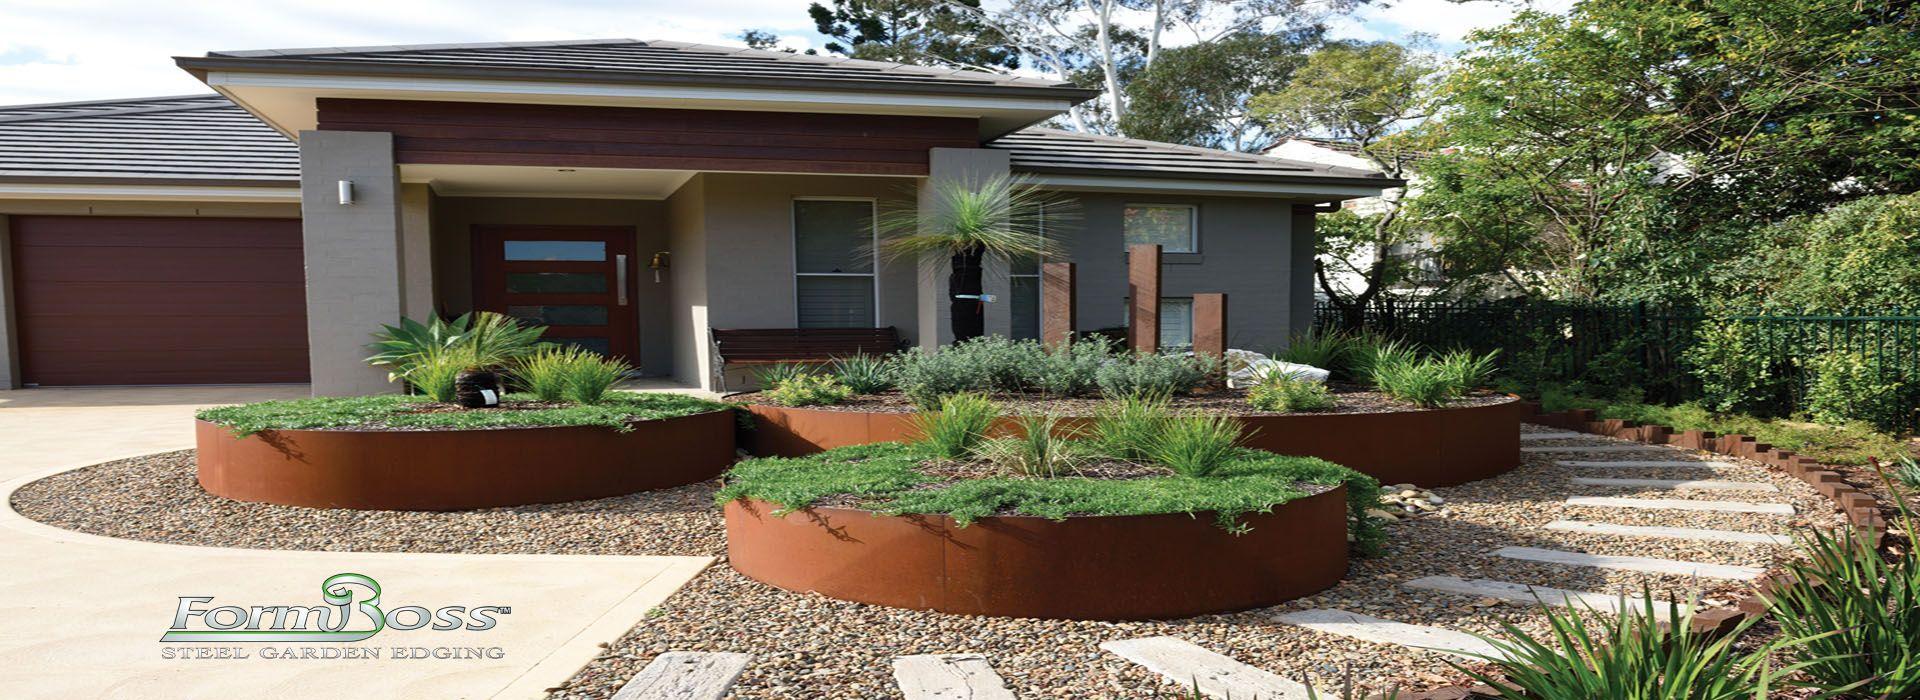 Formboss Steel Garden Edging System Melbourne Cheap Formboss Kit With Images Garden Edging Steel Garden Edging Pool Landscaping